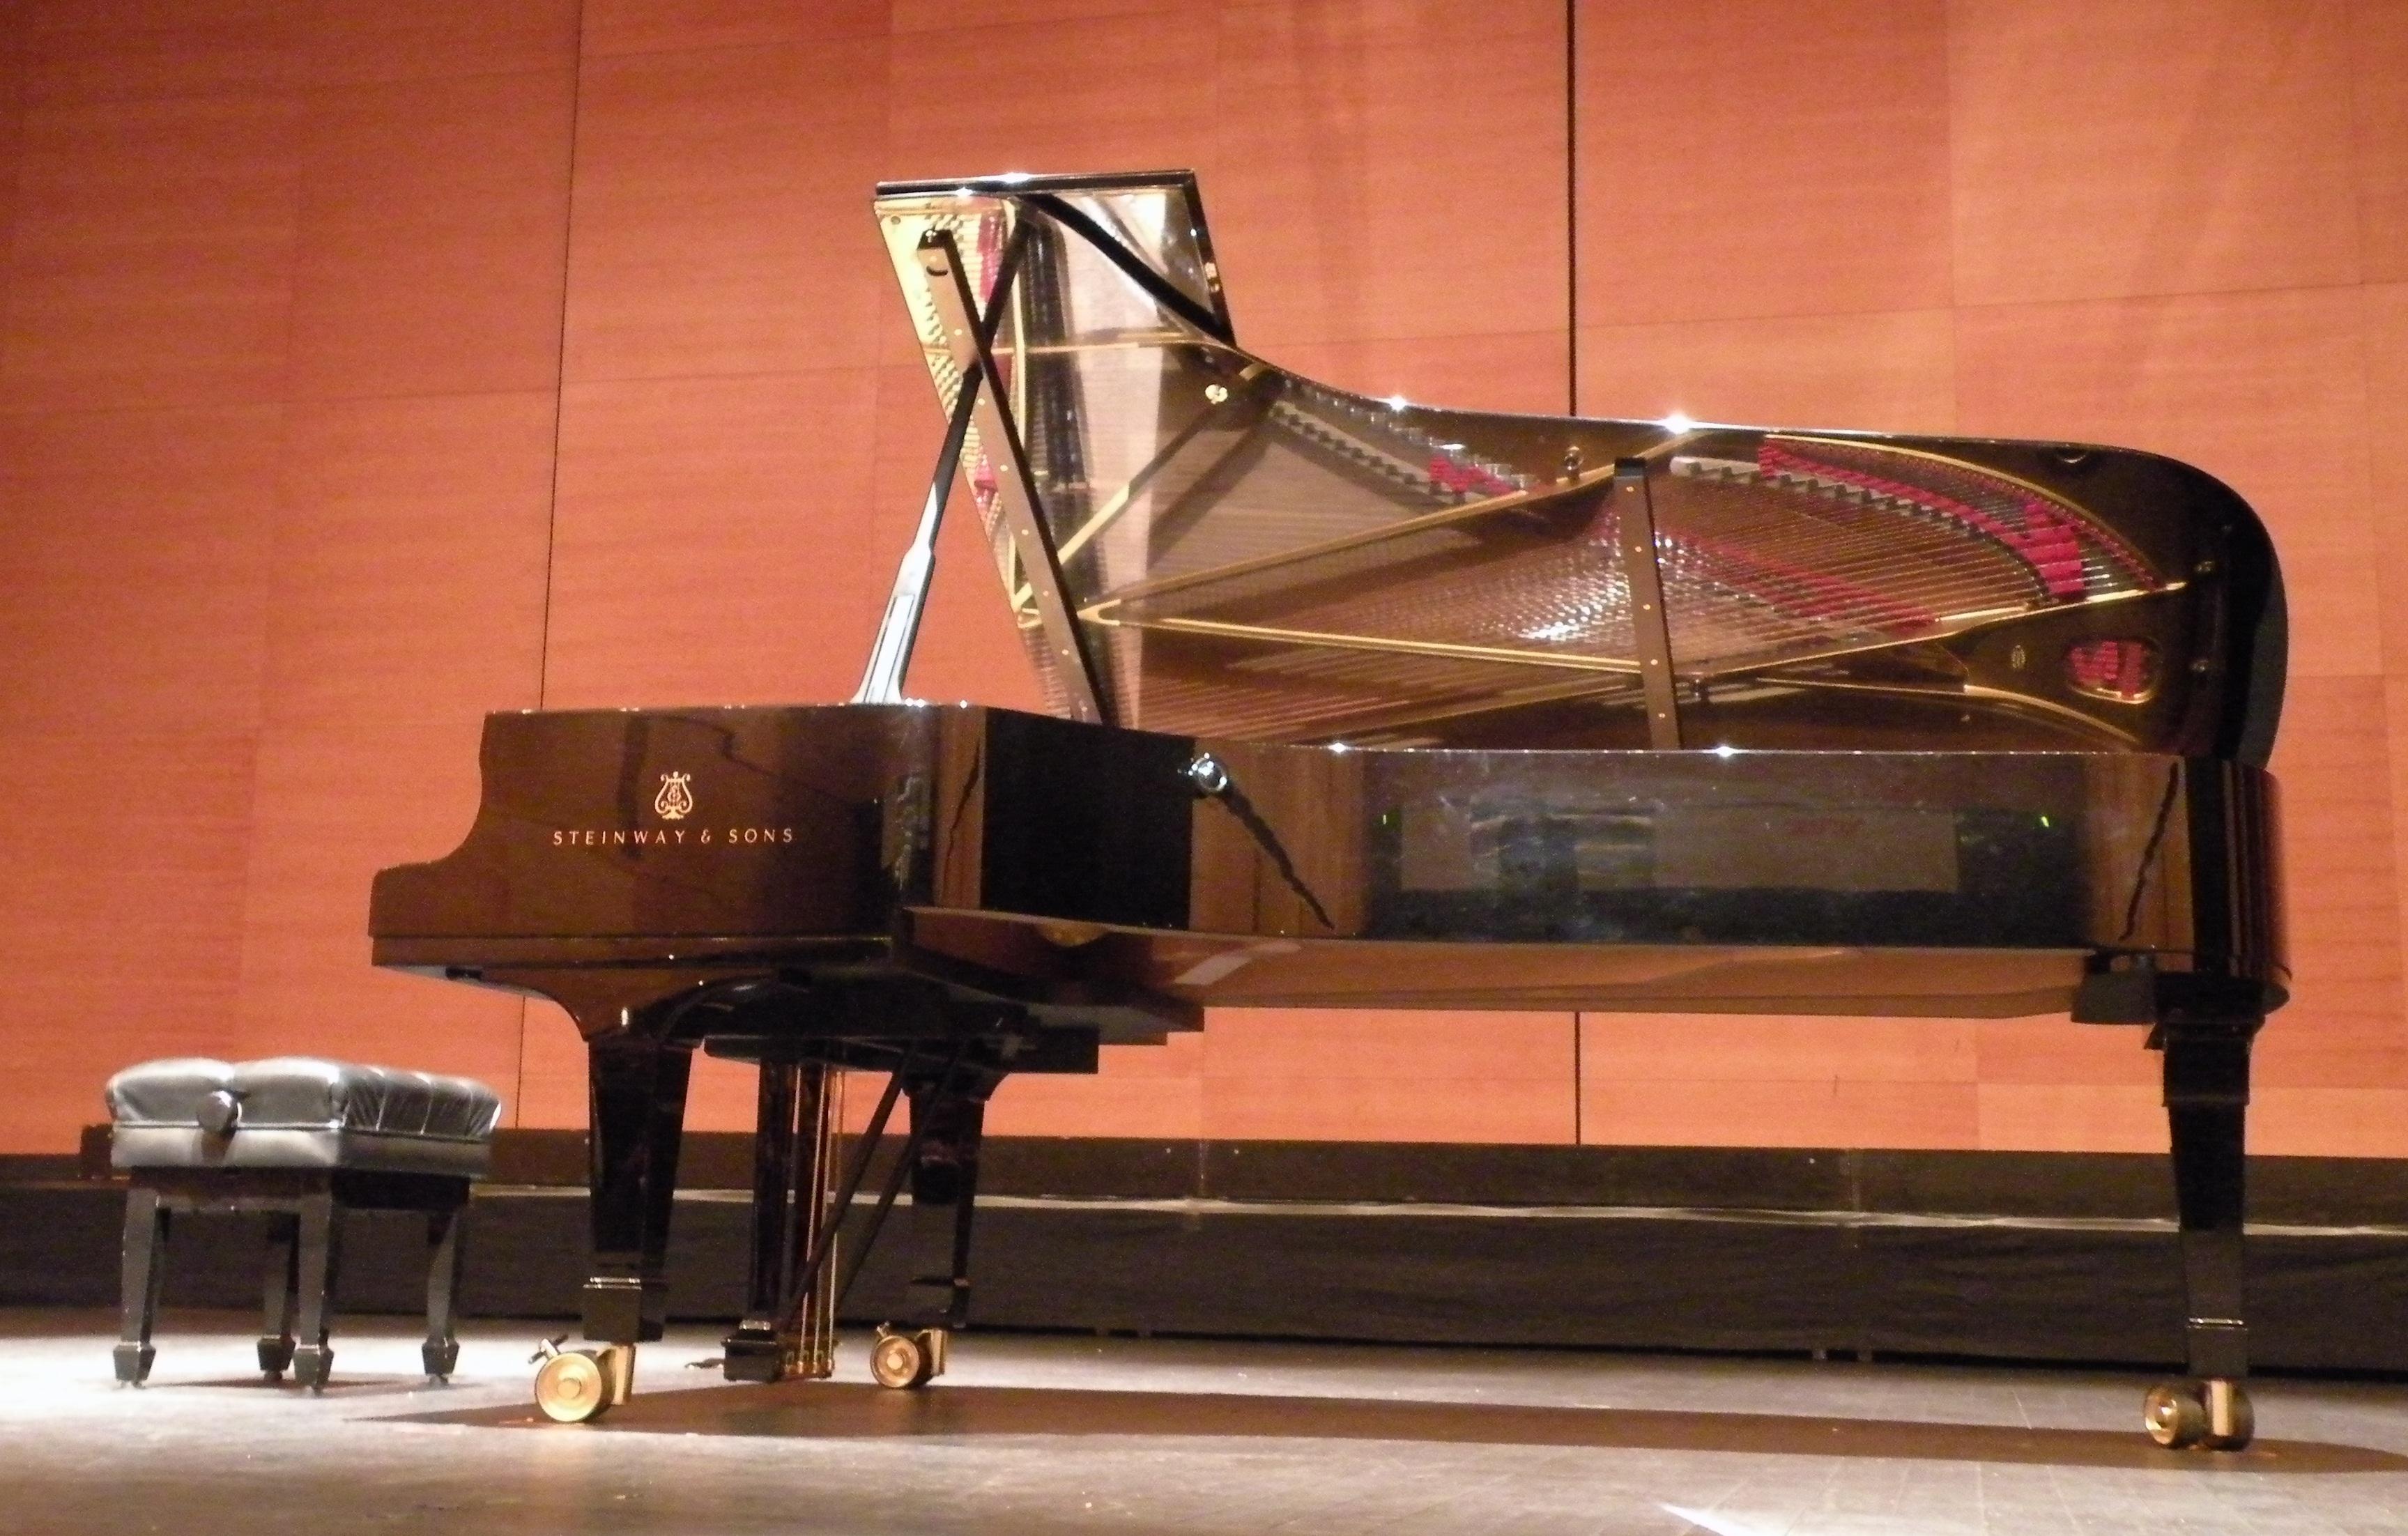 """PIANOFORTI A VENEZIA """"LONGATO PIANOFORTI""""- NOLEGGIO PIANOFORTI PER MATRIMONIO- SERVIZIO NOLEGGIO PIANOFORTI PER MATRIMONI- NOLEGGIO PIANOFORTI A CODA PER MATRIMONIO """"LONGATO PIANOFORTI""""- NOLEGGIO DI PIANOFORTI A CODA BIANCHI/NERI PER MATRIMONIO- NOLEGGIO E TRASPORTO PIANOFORTI- NOLEGGIO PIANOFORTI A CODA PER HOTEL A VENEZIA- NOLEGGIO PIANOFORTI A CODA PER RISTORANTI A VENEZIA- NOLEGGIO PIANOFORTI A CODA PER EVENTI A PADOVA- NOLEGGIO PIANOFORTI A CODA POER EVENTI A TREVISO- NOLEGGIO PIANOFORTI A CODA PER EVENTI A PORDENONE-"""